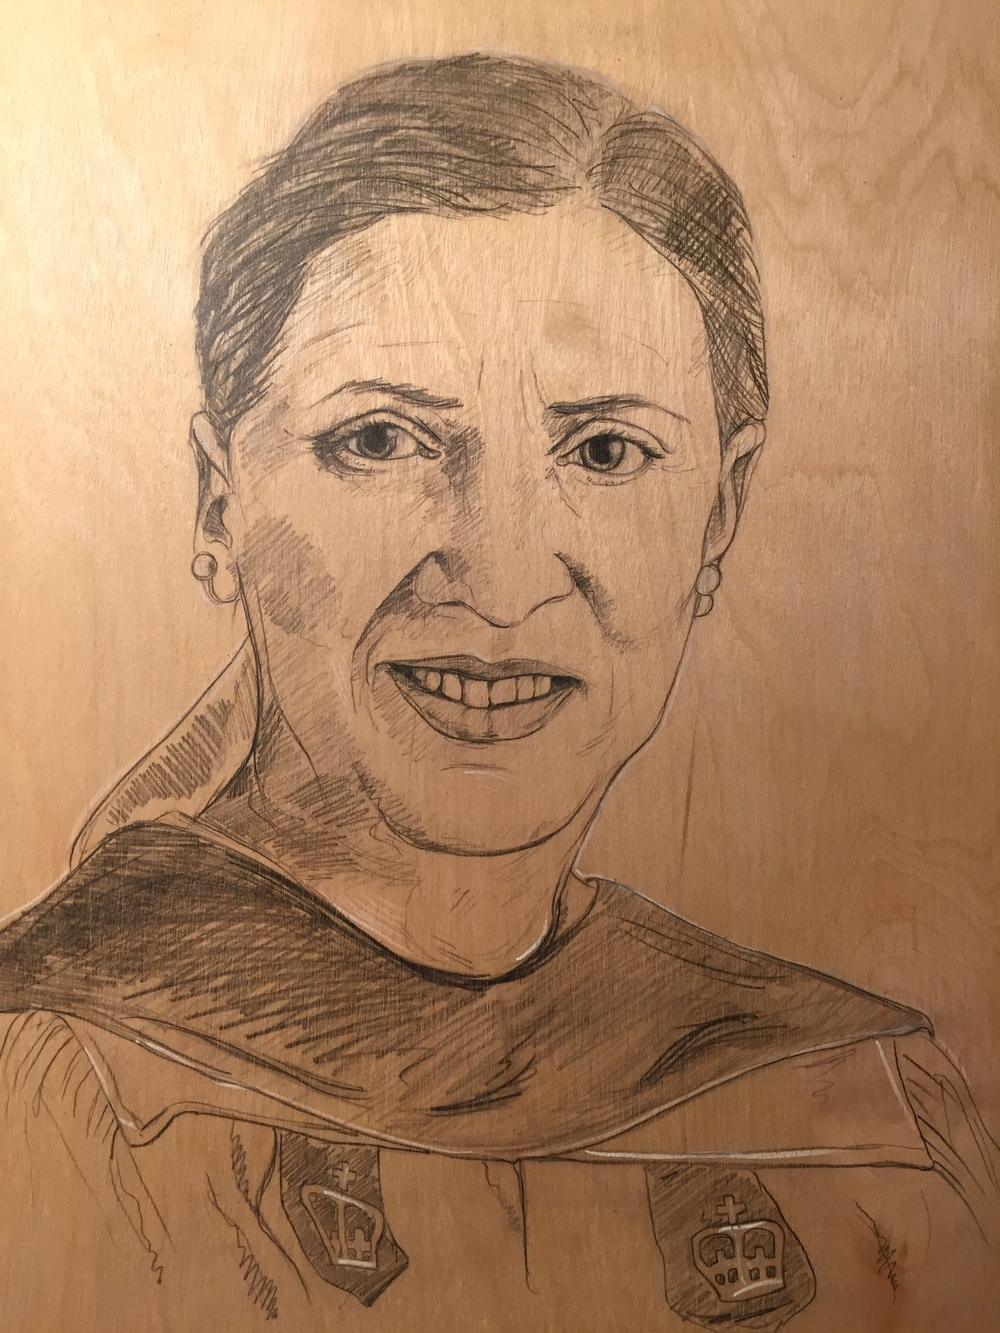 Ruth Bader_Ginsburg_mandilla.JPG